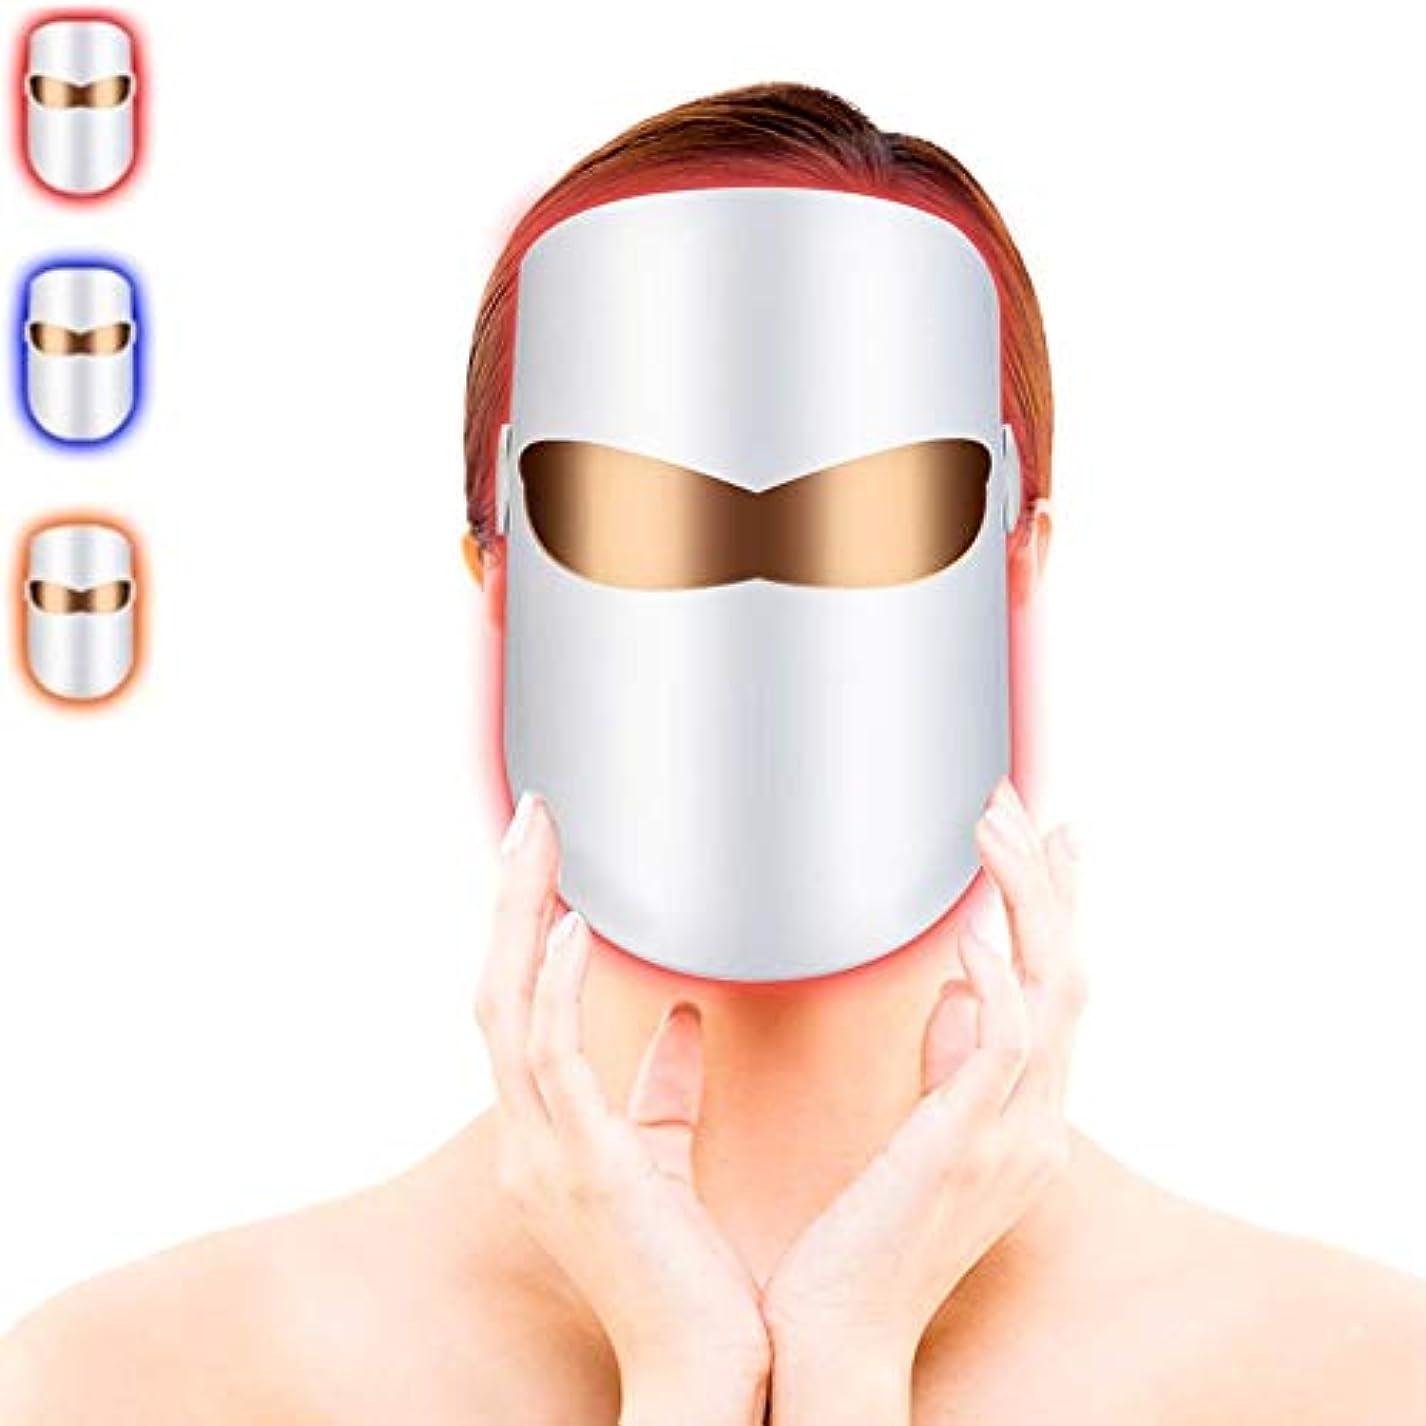 アラバマバンドノベルティLEDフェイシャルマスク、ライトセラピーフェイスマスクにきび治療、LEDフォトンセラピーフェイシャル美容マスクにきびスポットのしわコラーゲンコラーゲンスキンケアの若返りのための無制限の治療